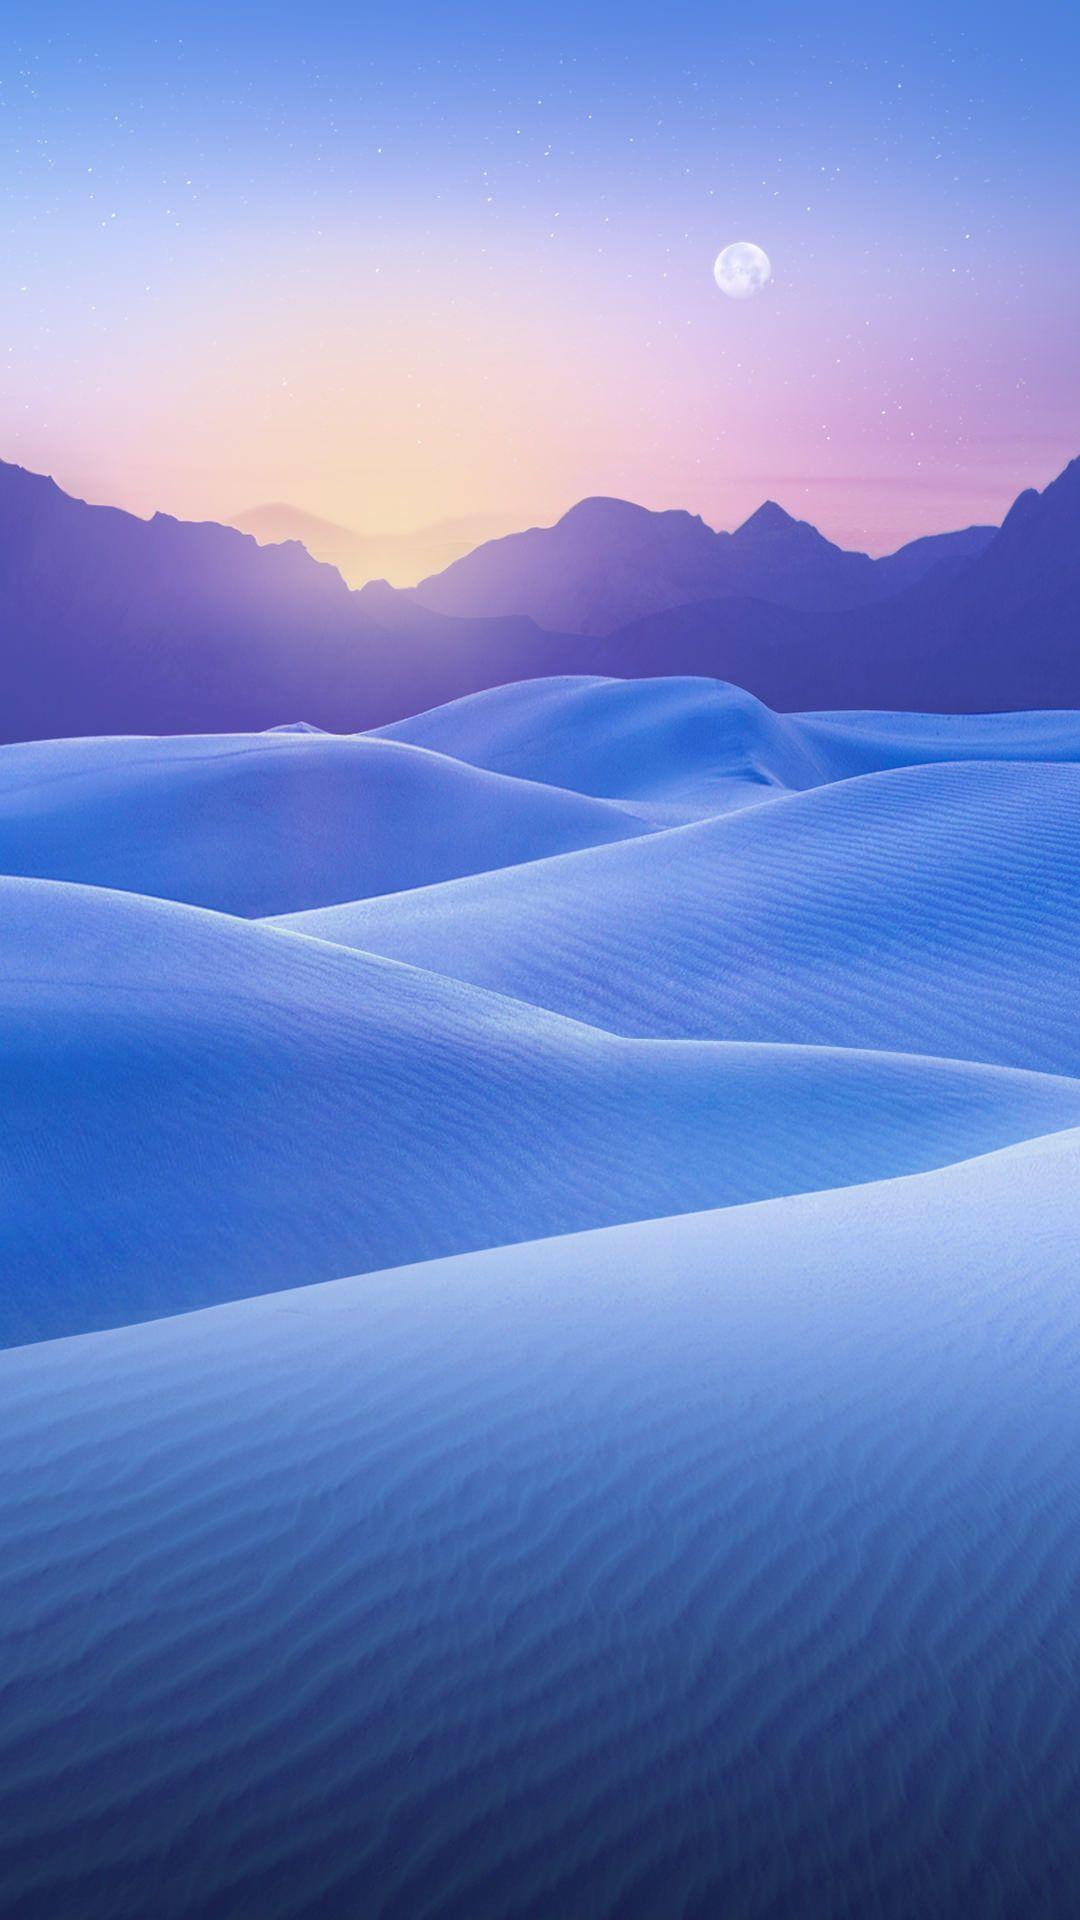 朝の雪景色 Iphone6 Plus 壁紙 美しい風景写真 風景 風景の壁紙